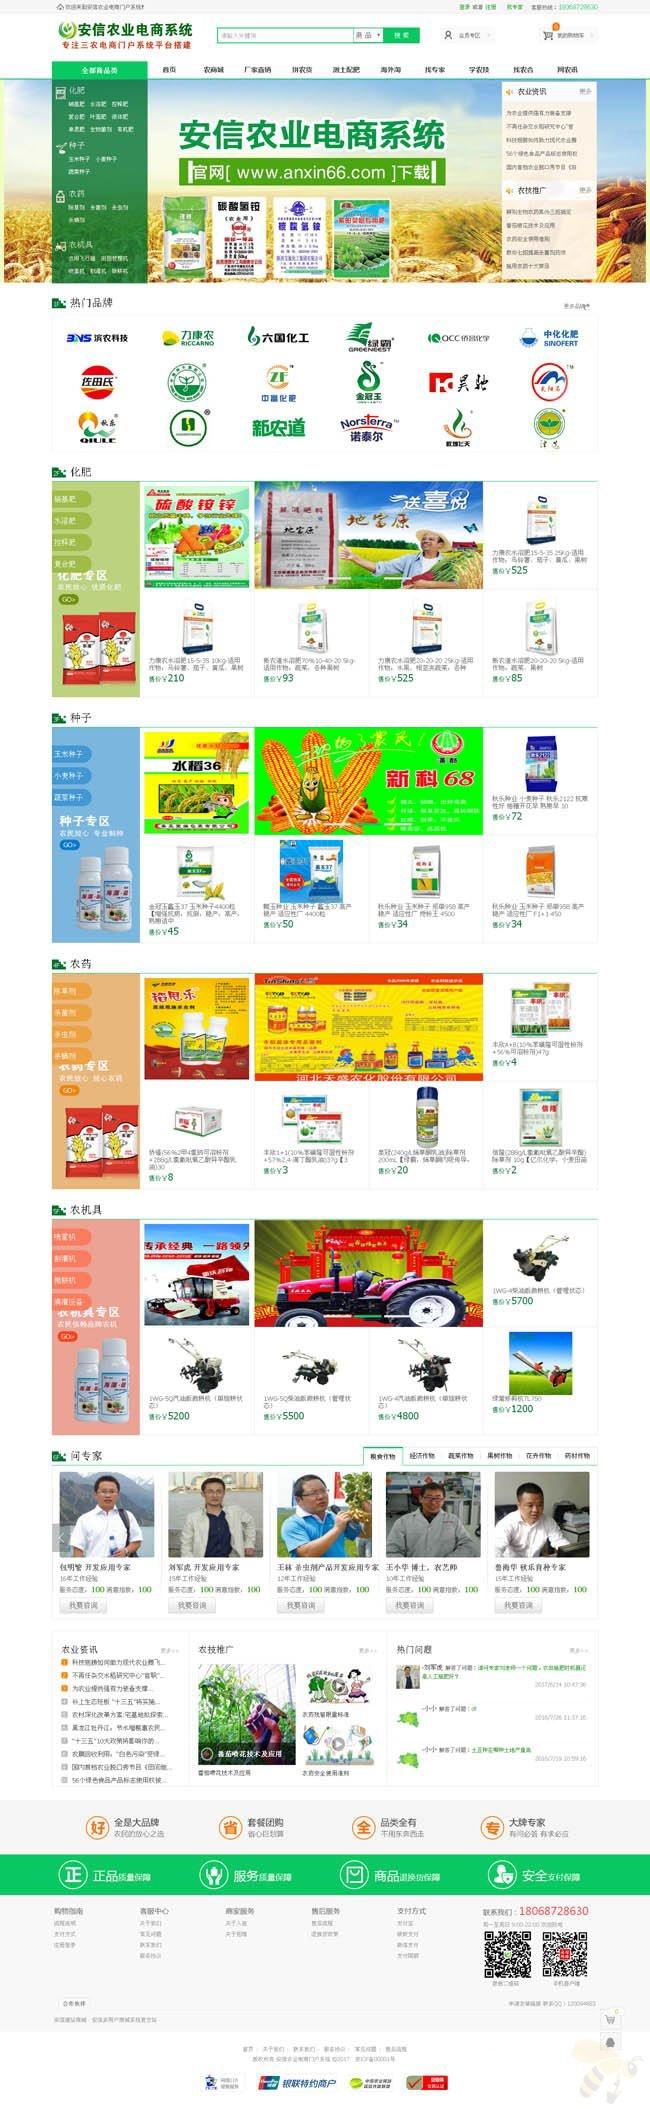 asp农业电子商务系统|农业电商网站源码(PC+APP+微信+wap四网合一)